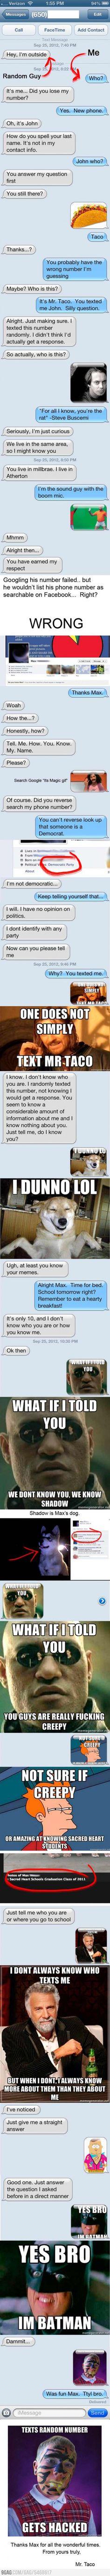 This is amazing. Quite hilarious